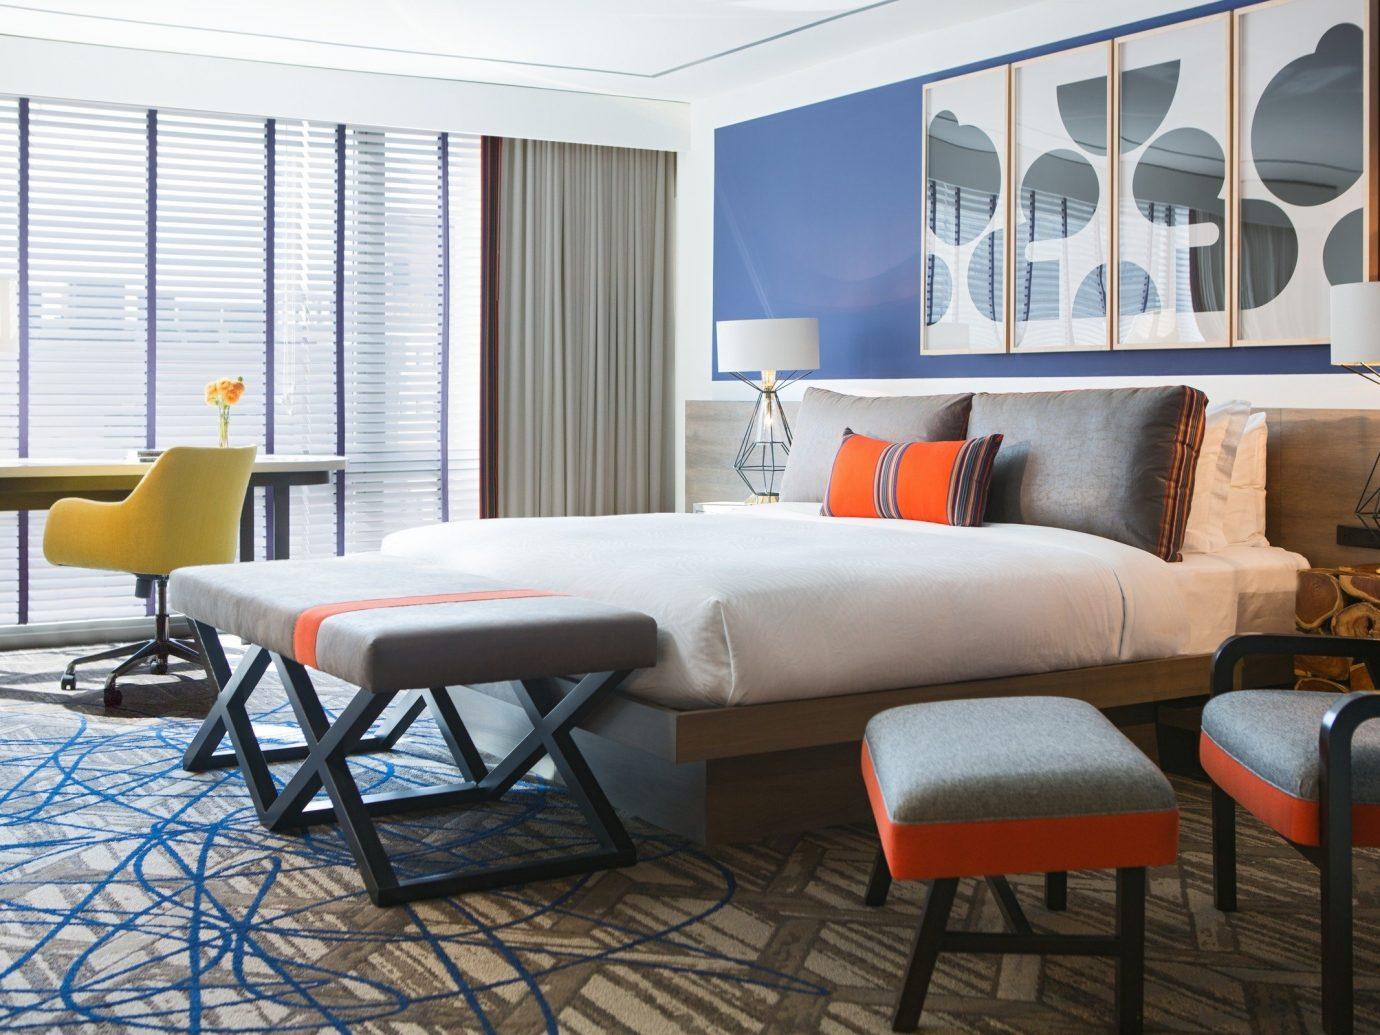 Hotels floor indoor window room chair Living property living room interior design furniture Suite condominium home real estate estate Design apartment area